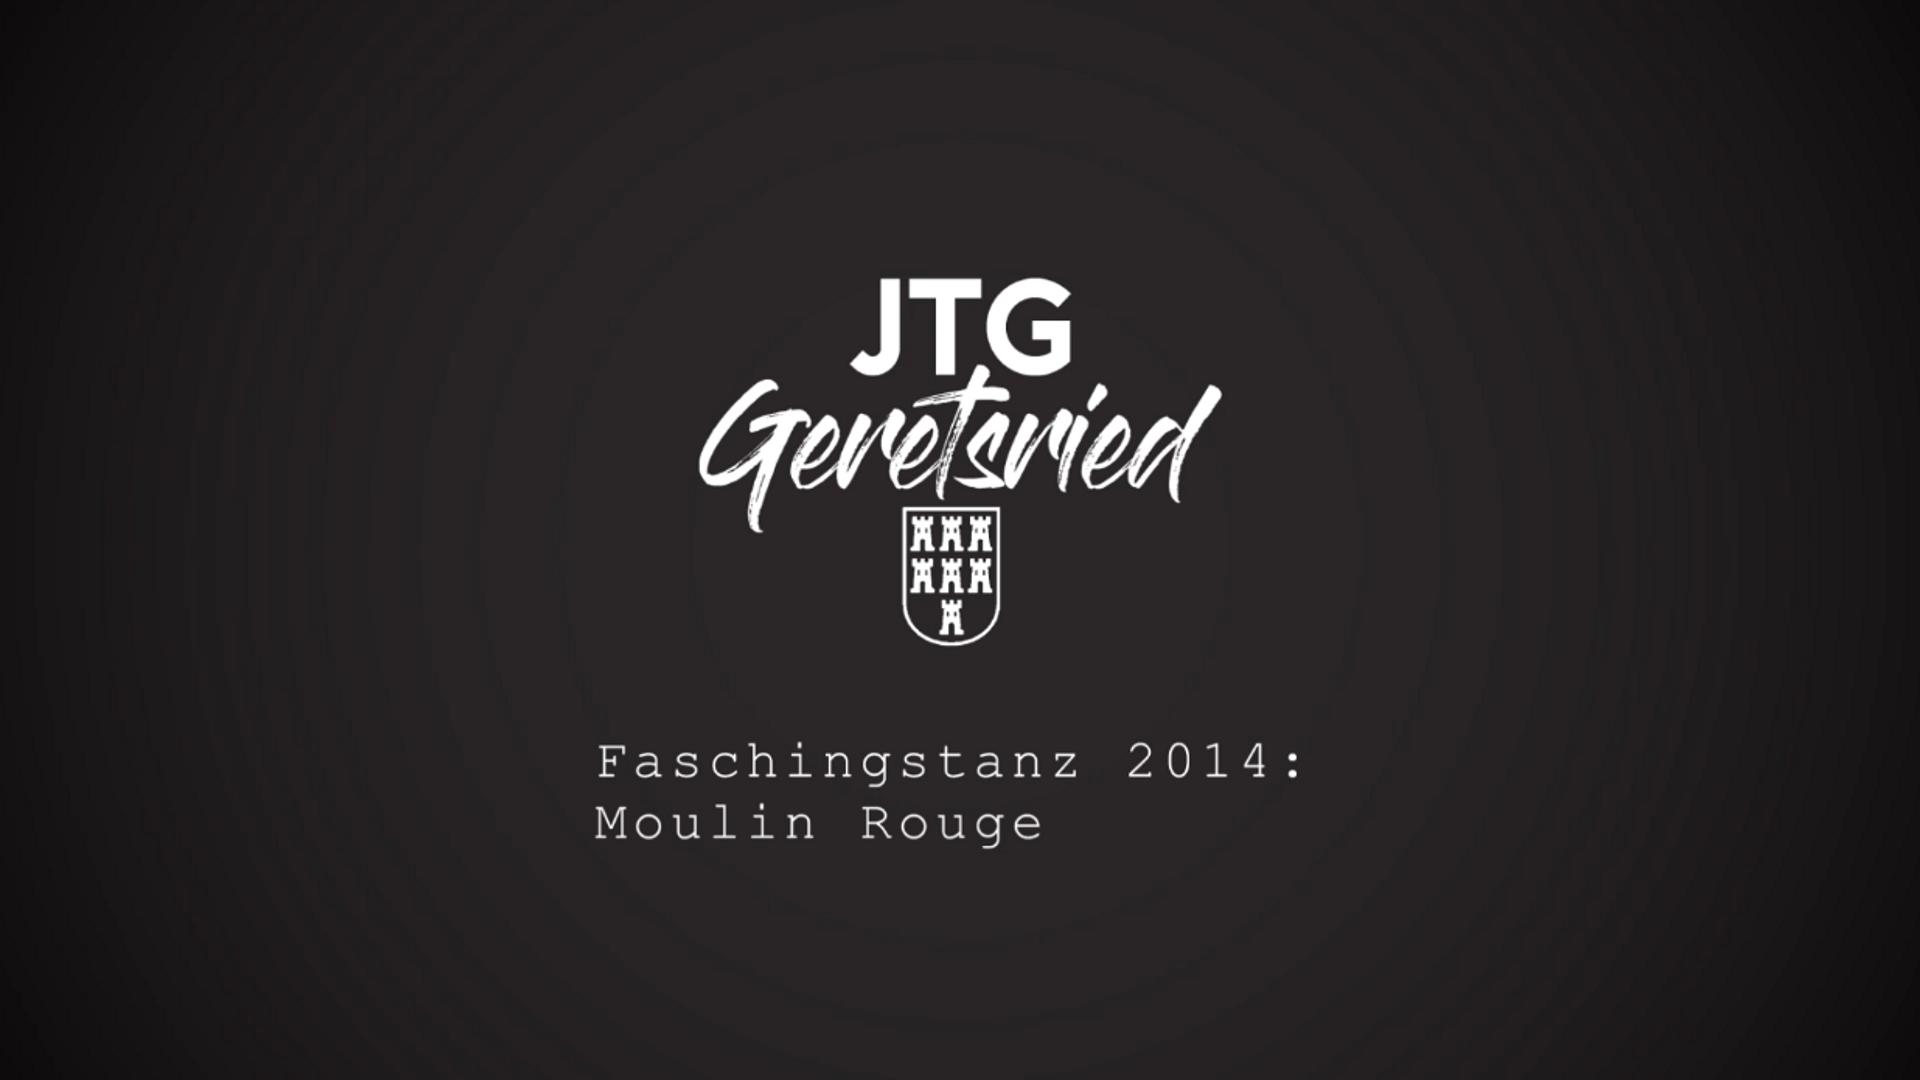 Faschingstanz 2014: Moulin Rouge